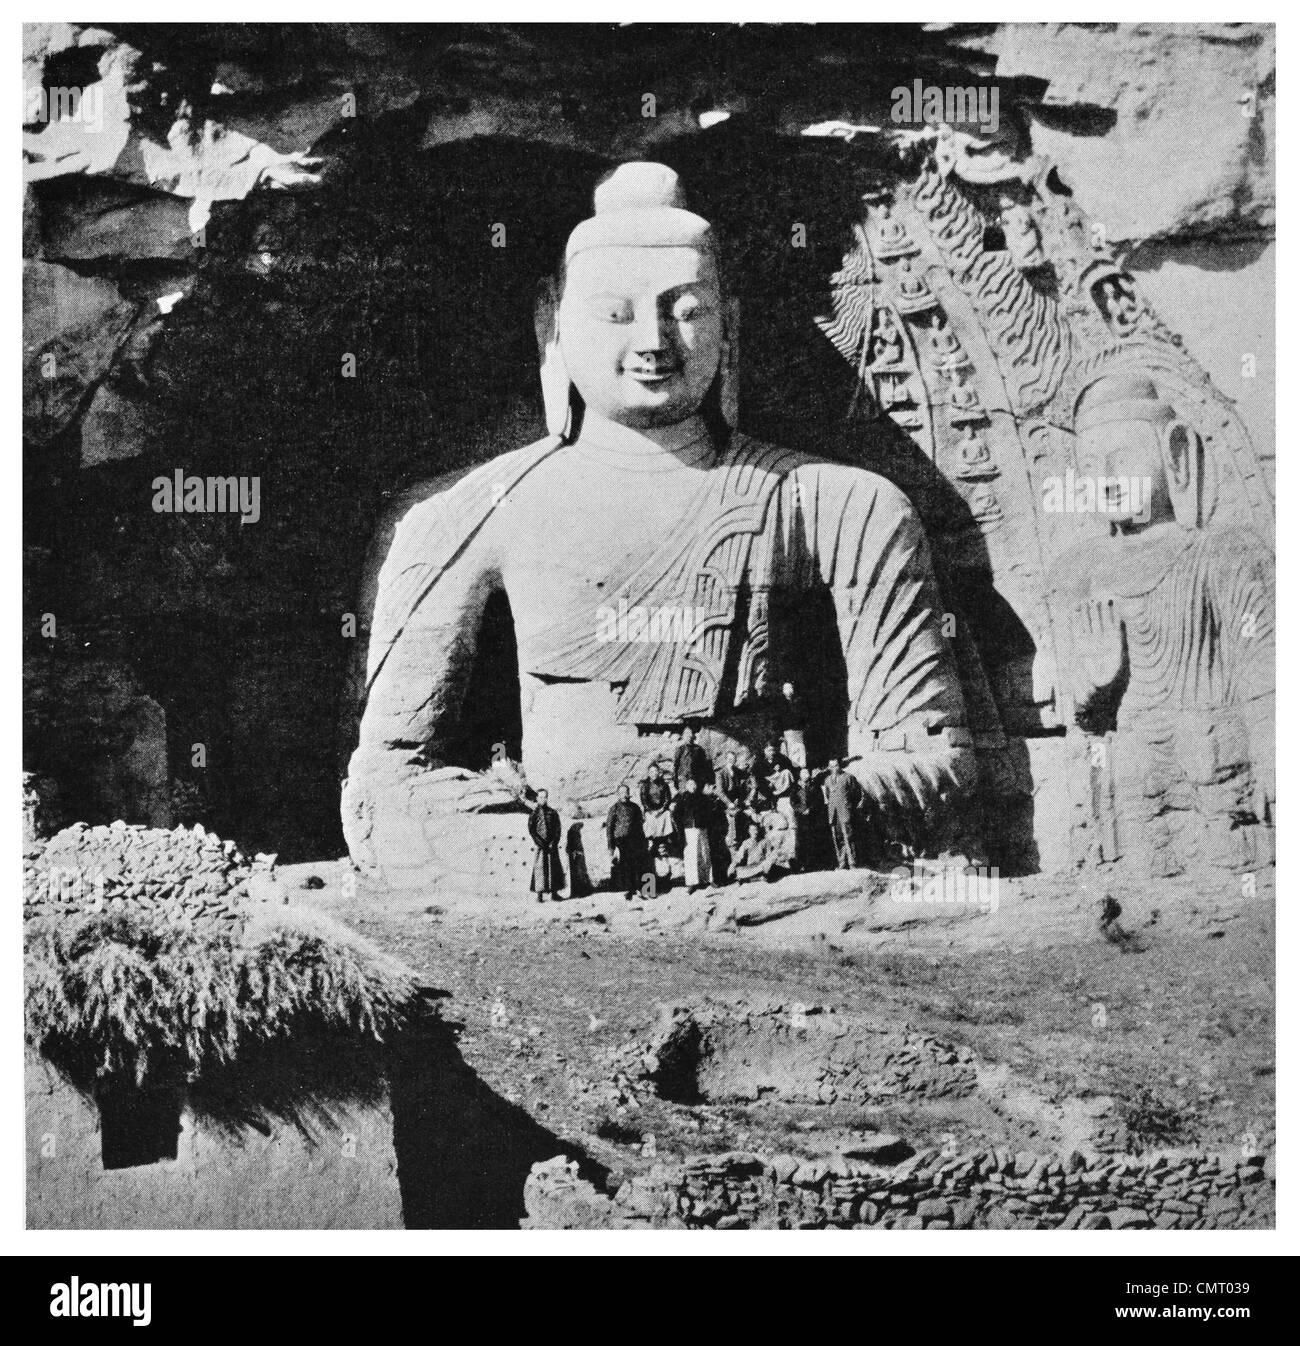 1923 Yungang Grottoes  Stone Buddha temple Yungang caves near Datong Shanxi province China - Stock Image